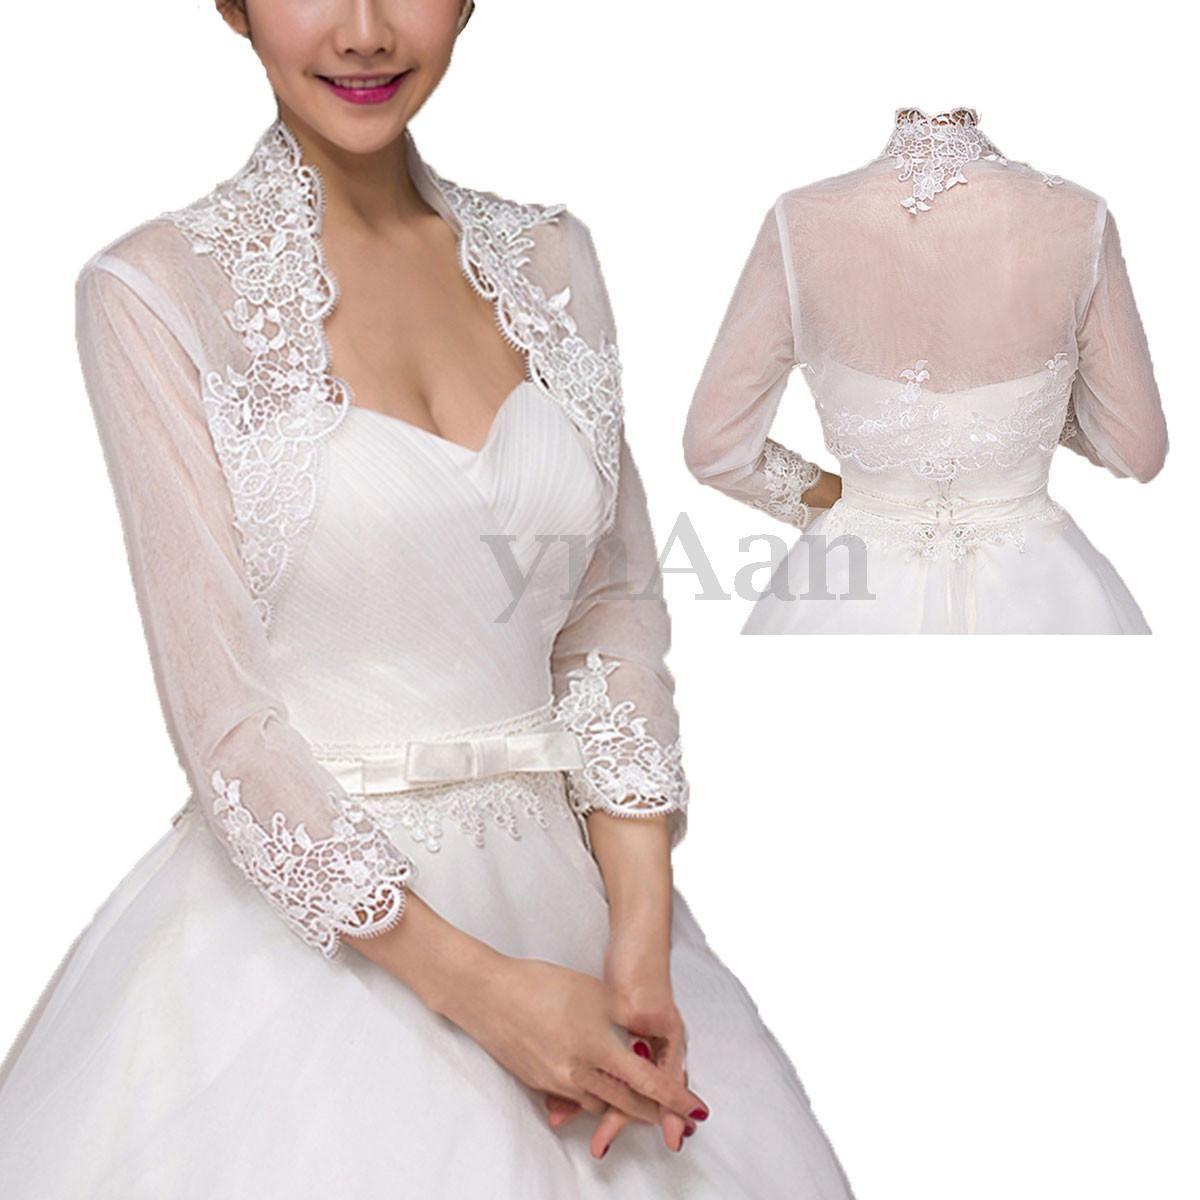 Wedding dress wrap  Lace White Bridal Dress Shawl Wedding Jacket Tulle Jacket Cape Wrap